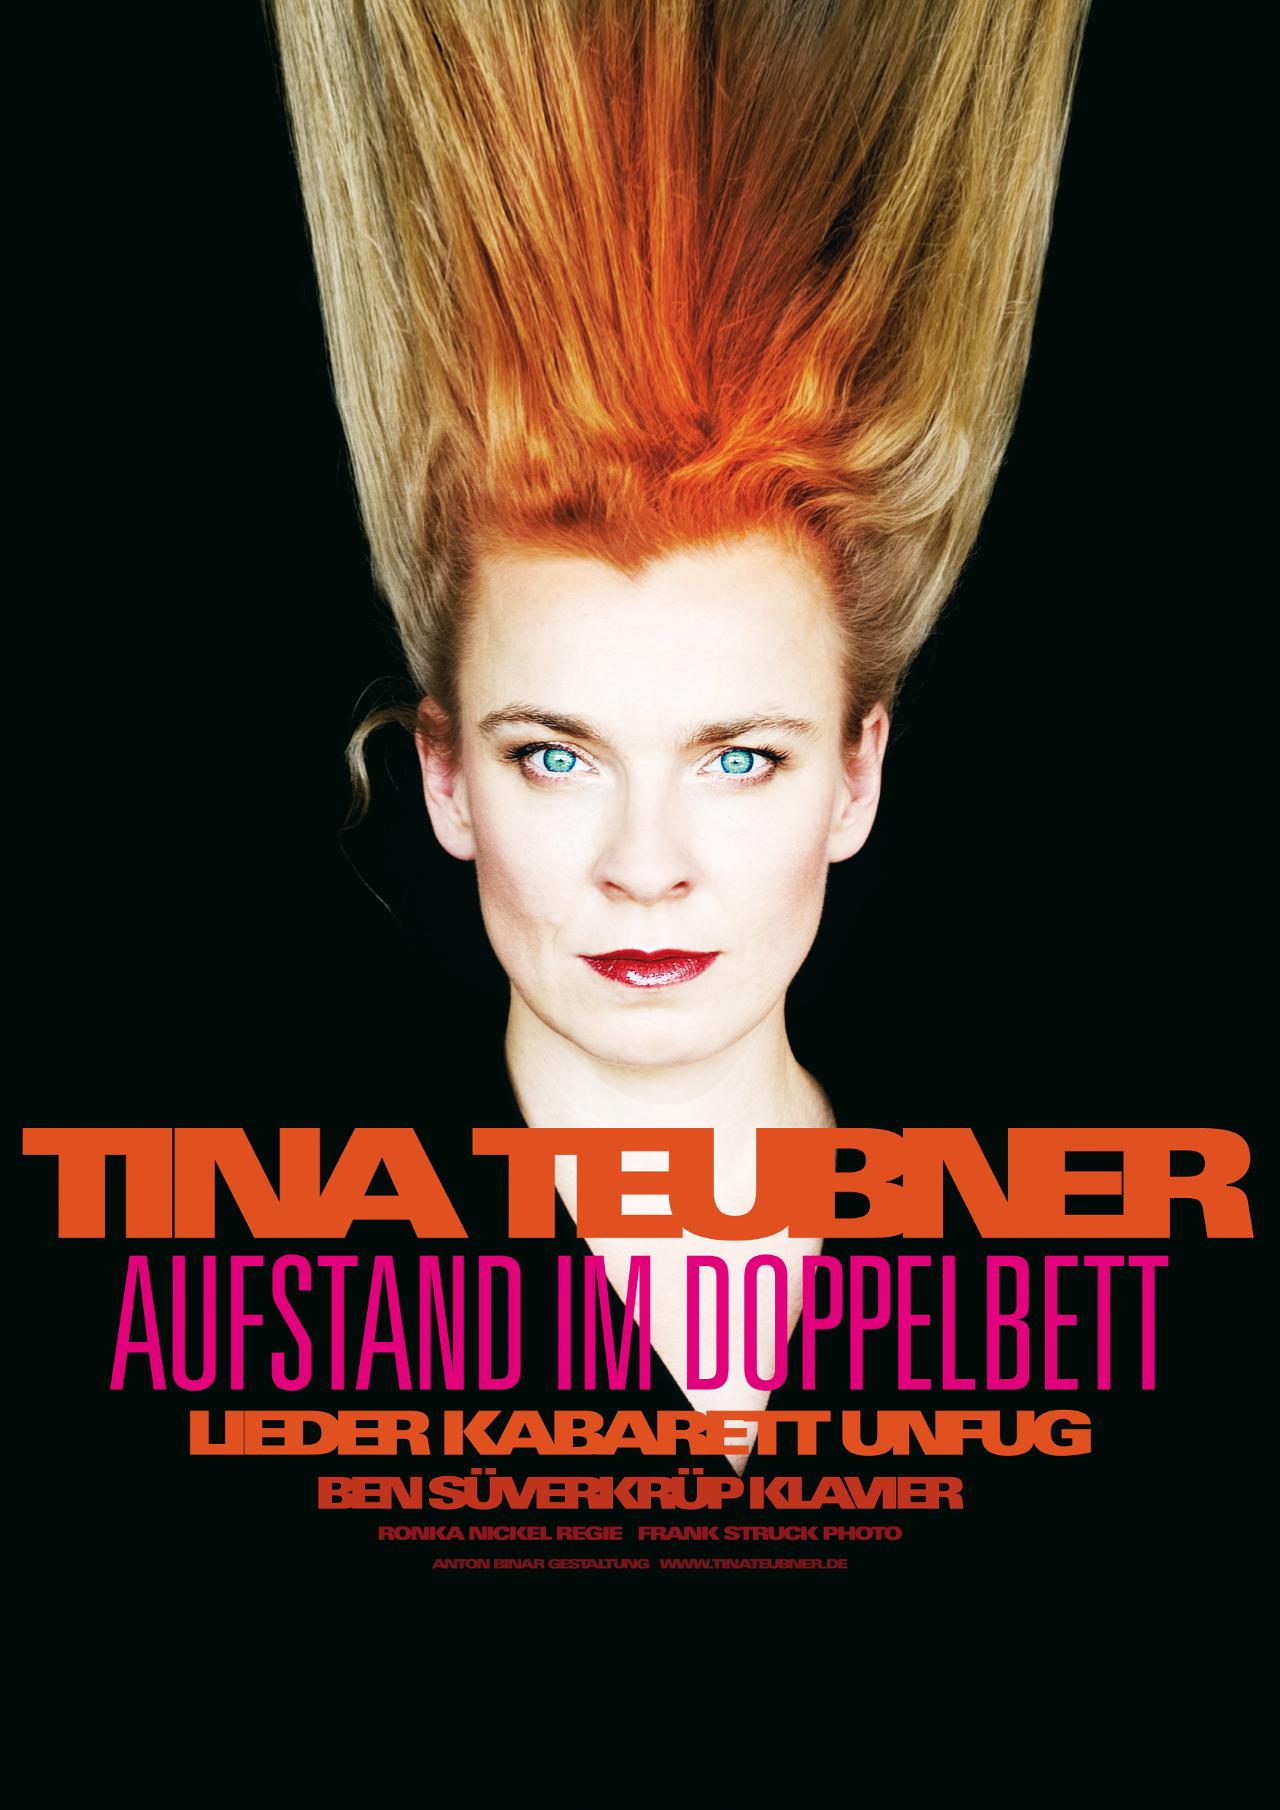 Tina Teubner Aufstand im Doppelbett 2 2014 www